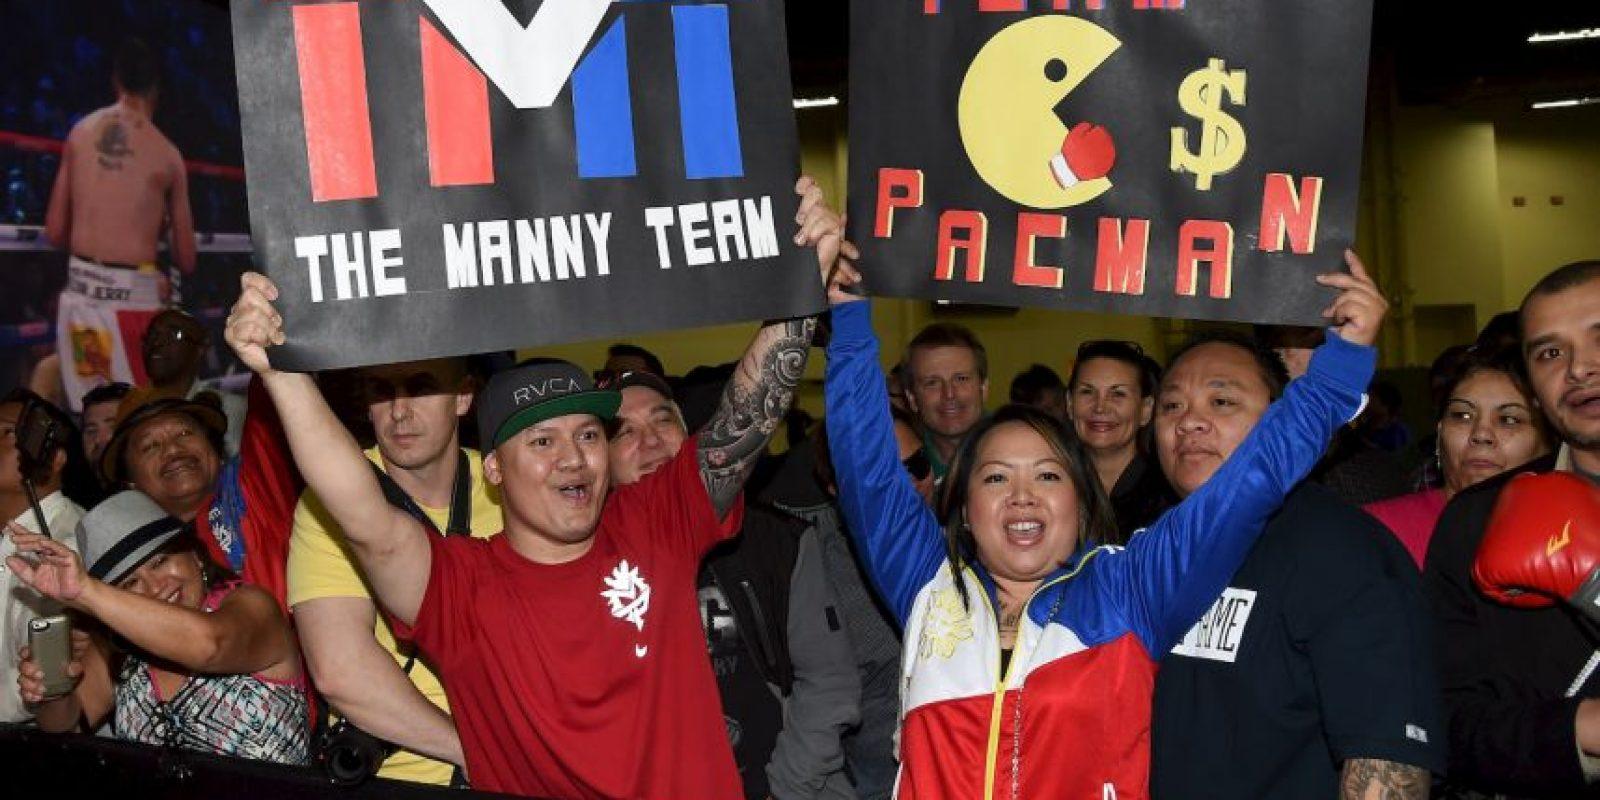 Los seguidroes del filipino se hicieron presentes Foto:Getty Images